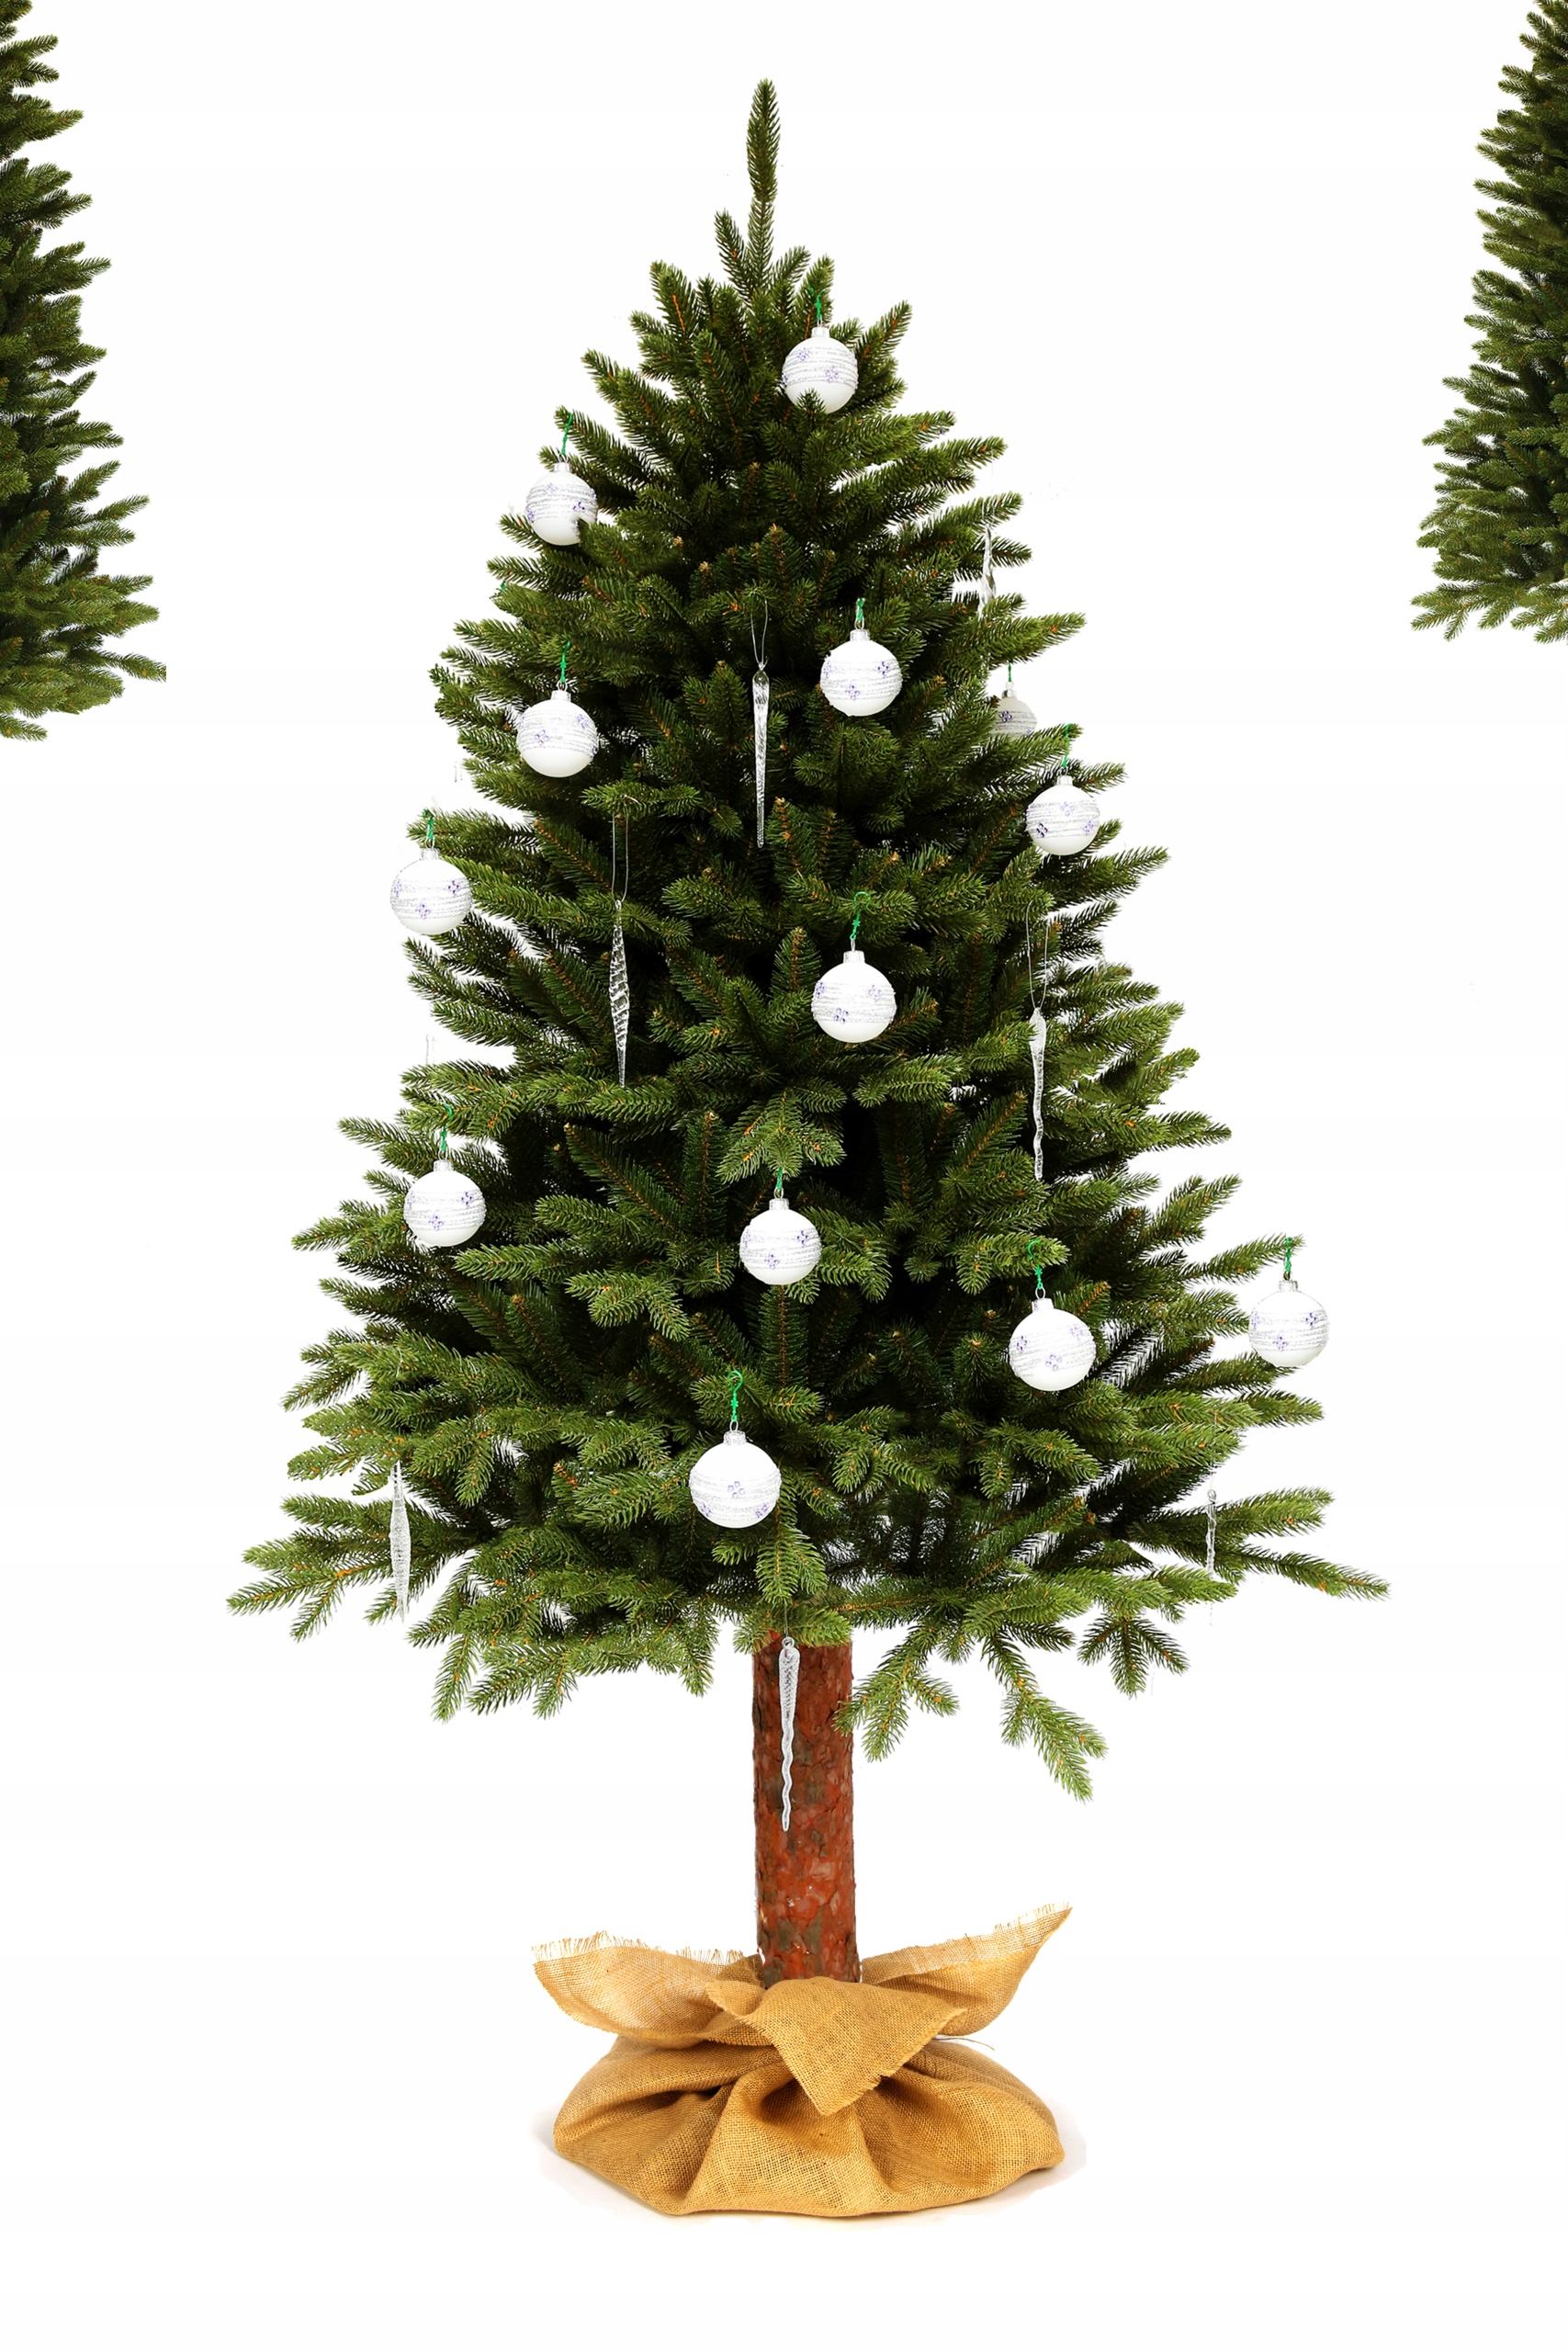 Kmeňový umelý vianočný stromček PRÍRODNÝ SMREK PE 210